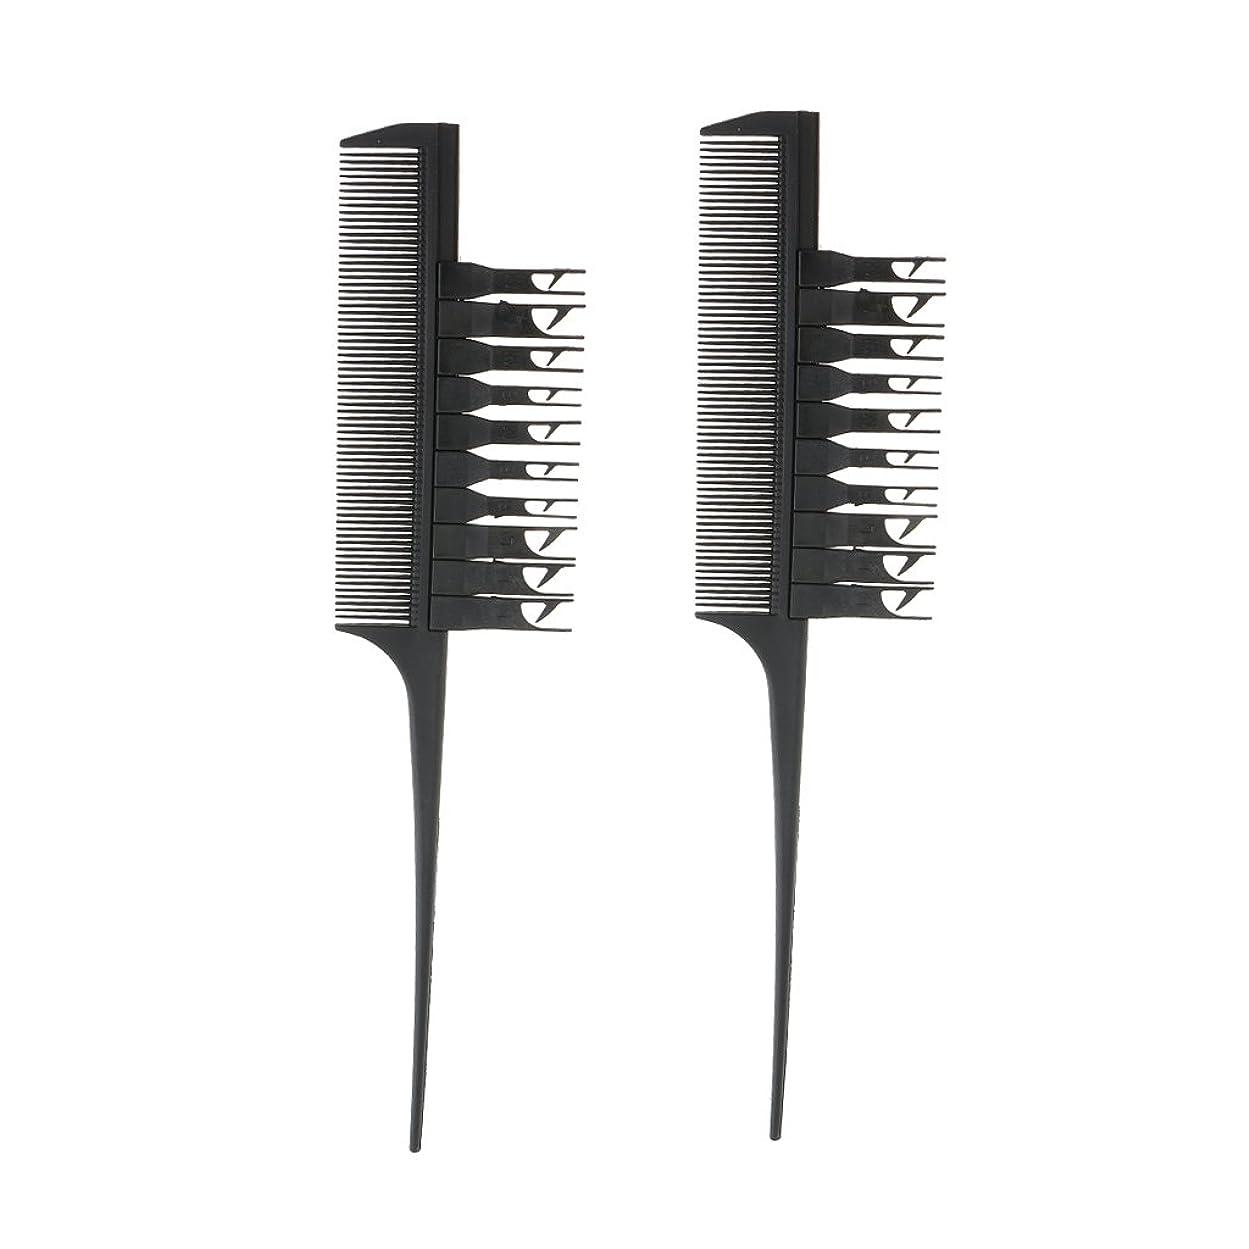 間違い黙クロニクルFenteer 2個 コーム 櫛 ブラシ ヘアダイブラシ サロン ヘアカラーリング 髪の毛 スライス 交換可能